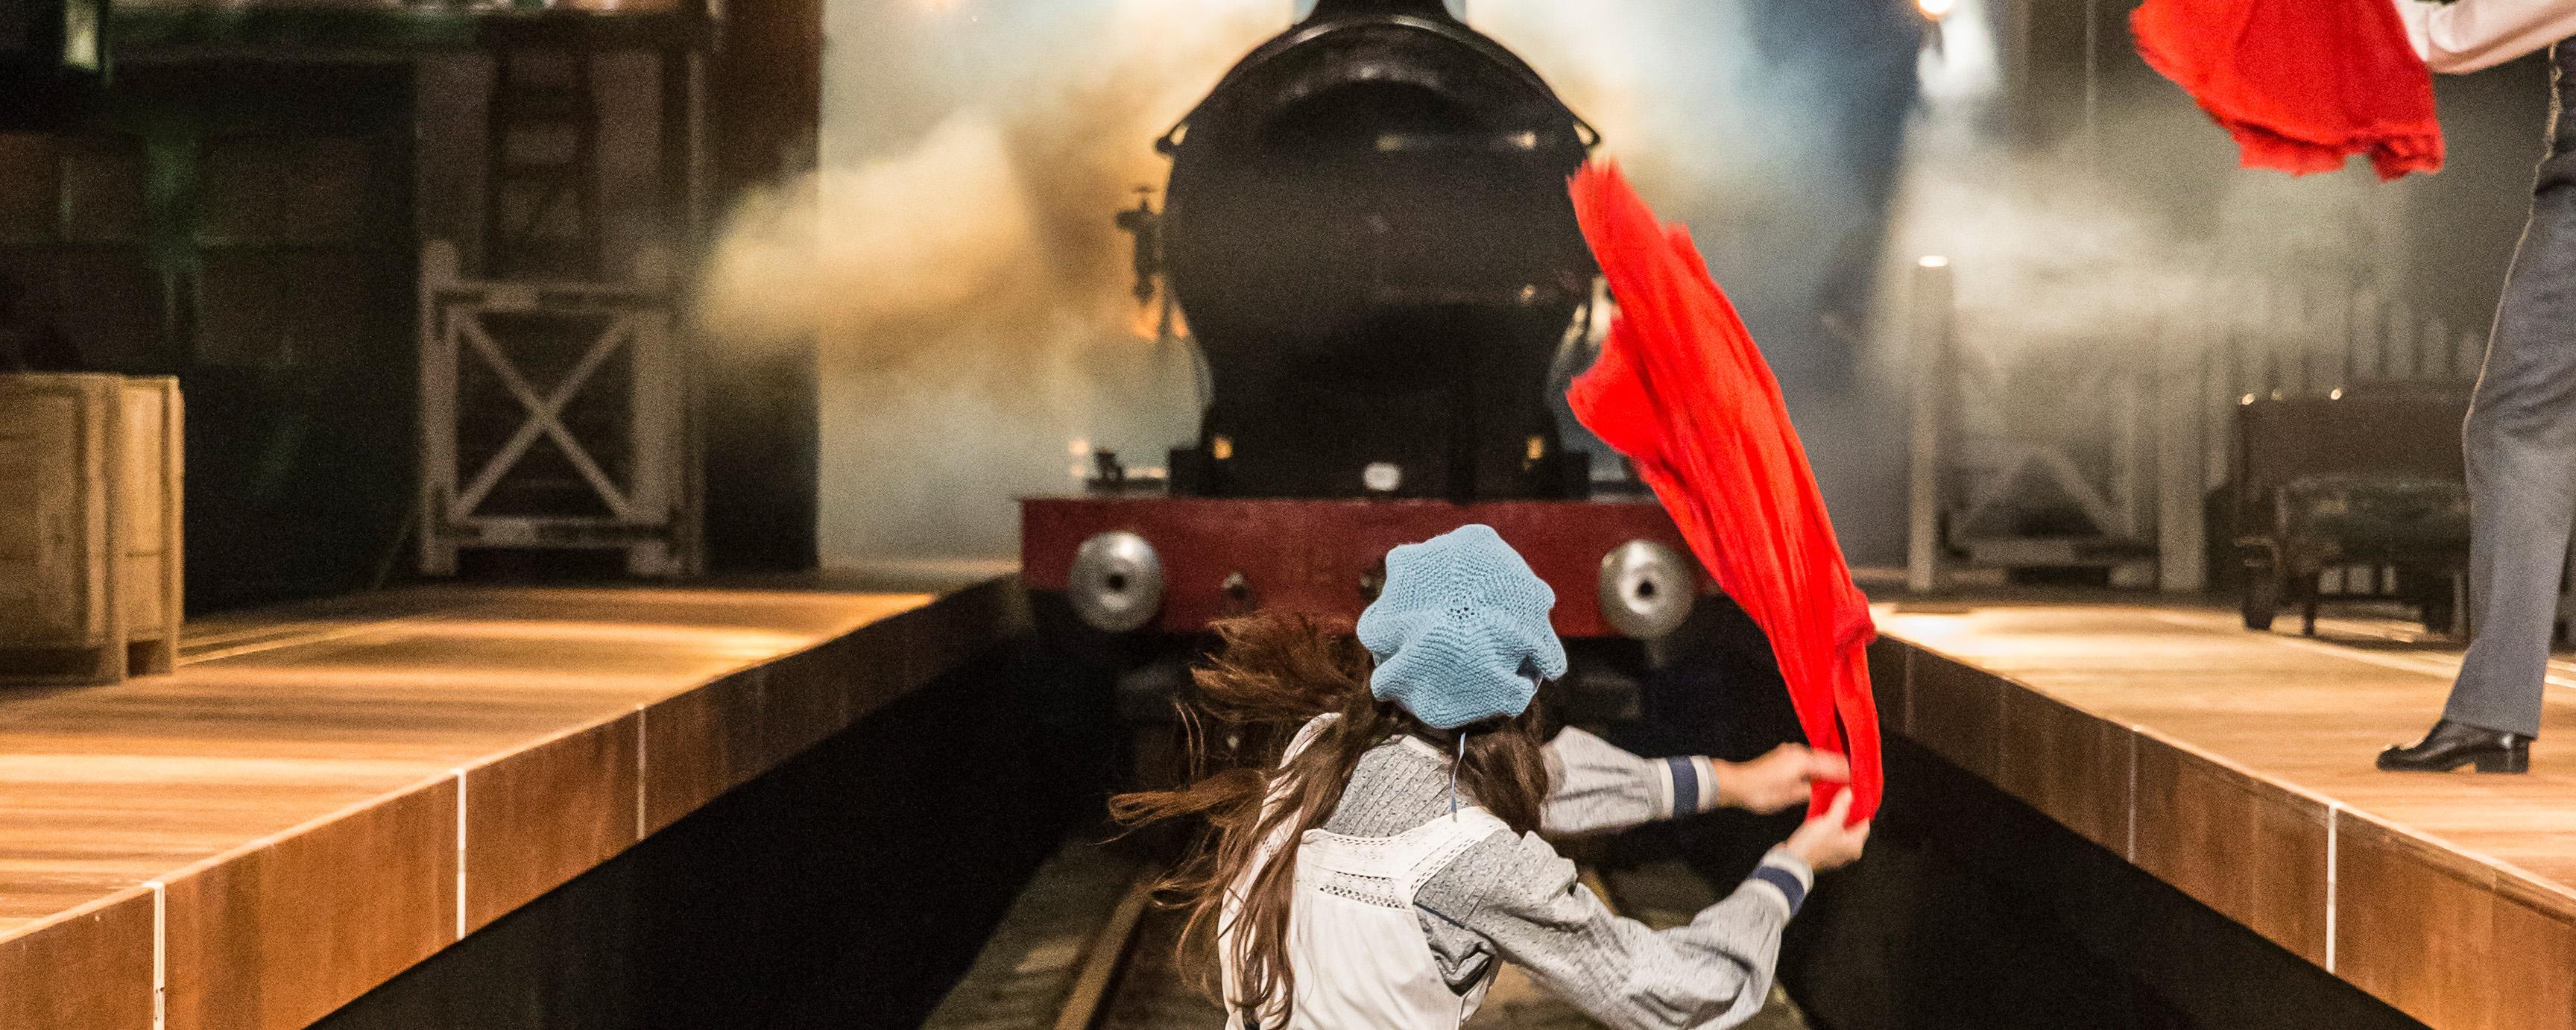 Theatre train